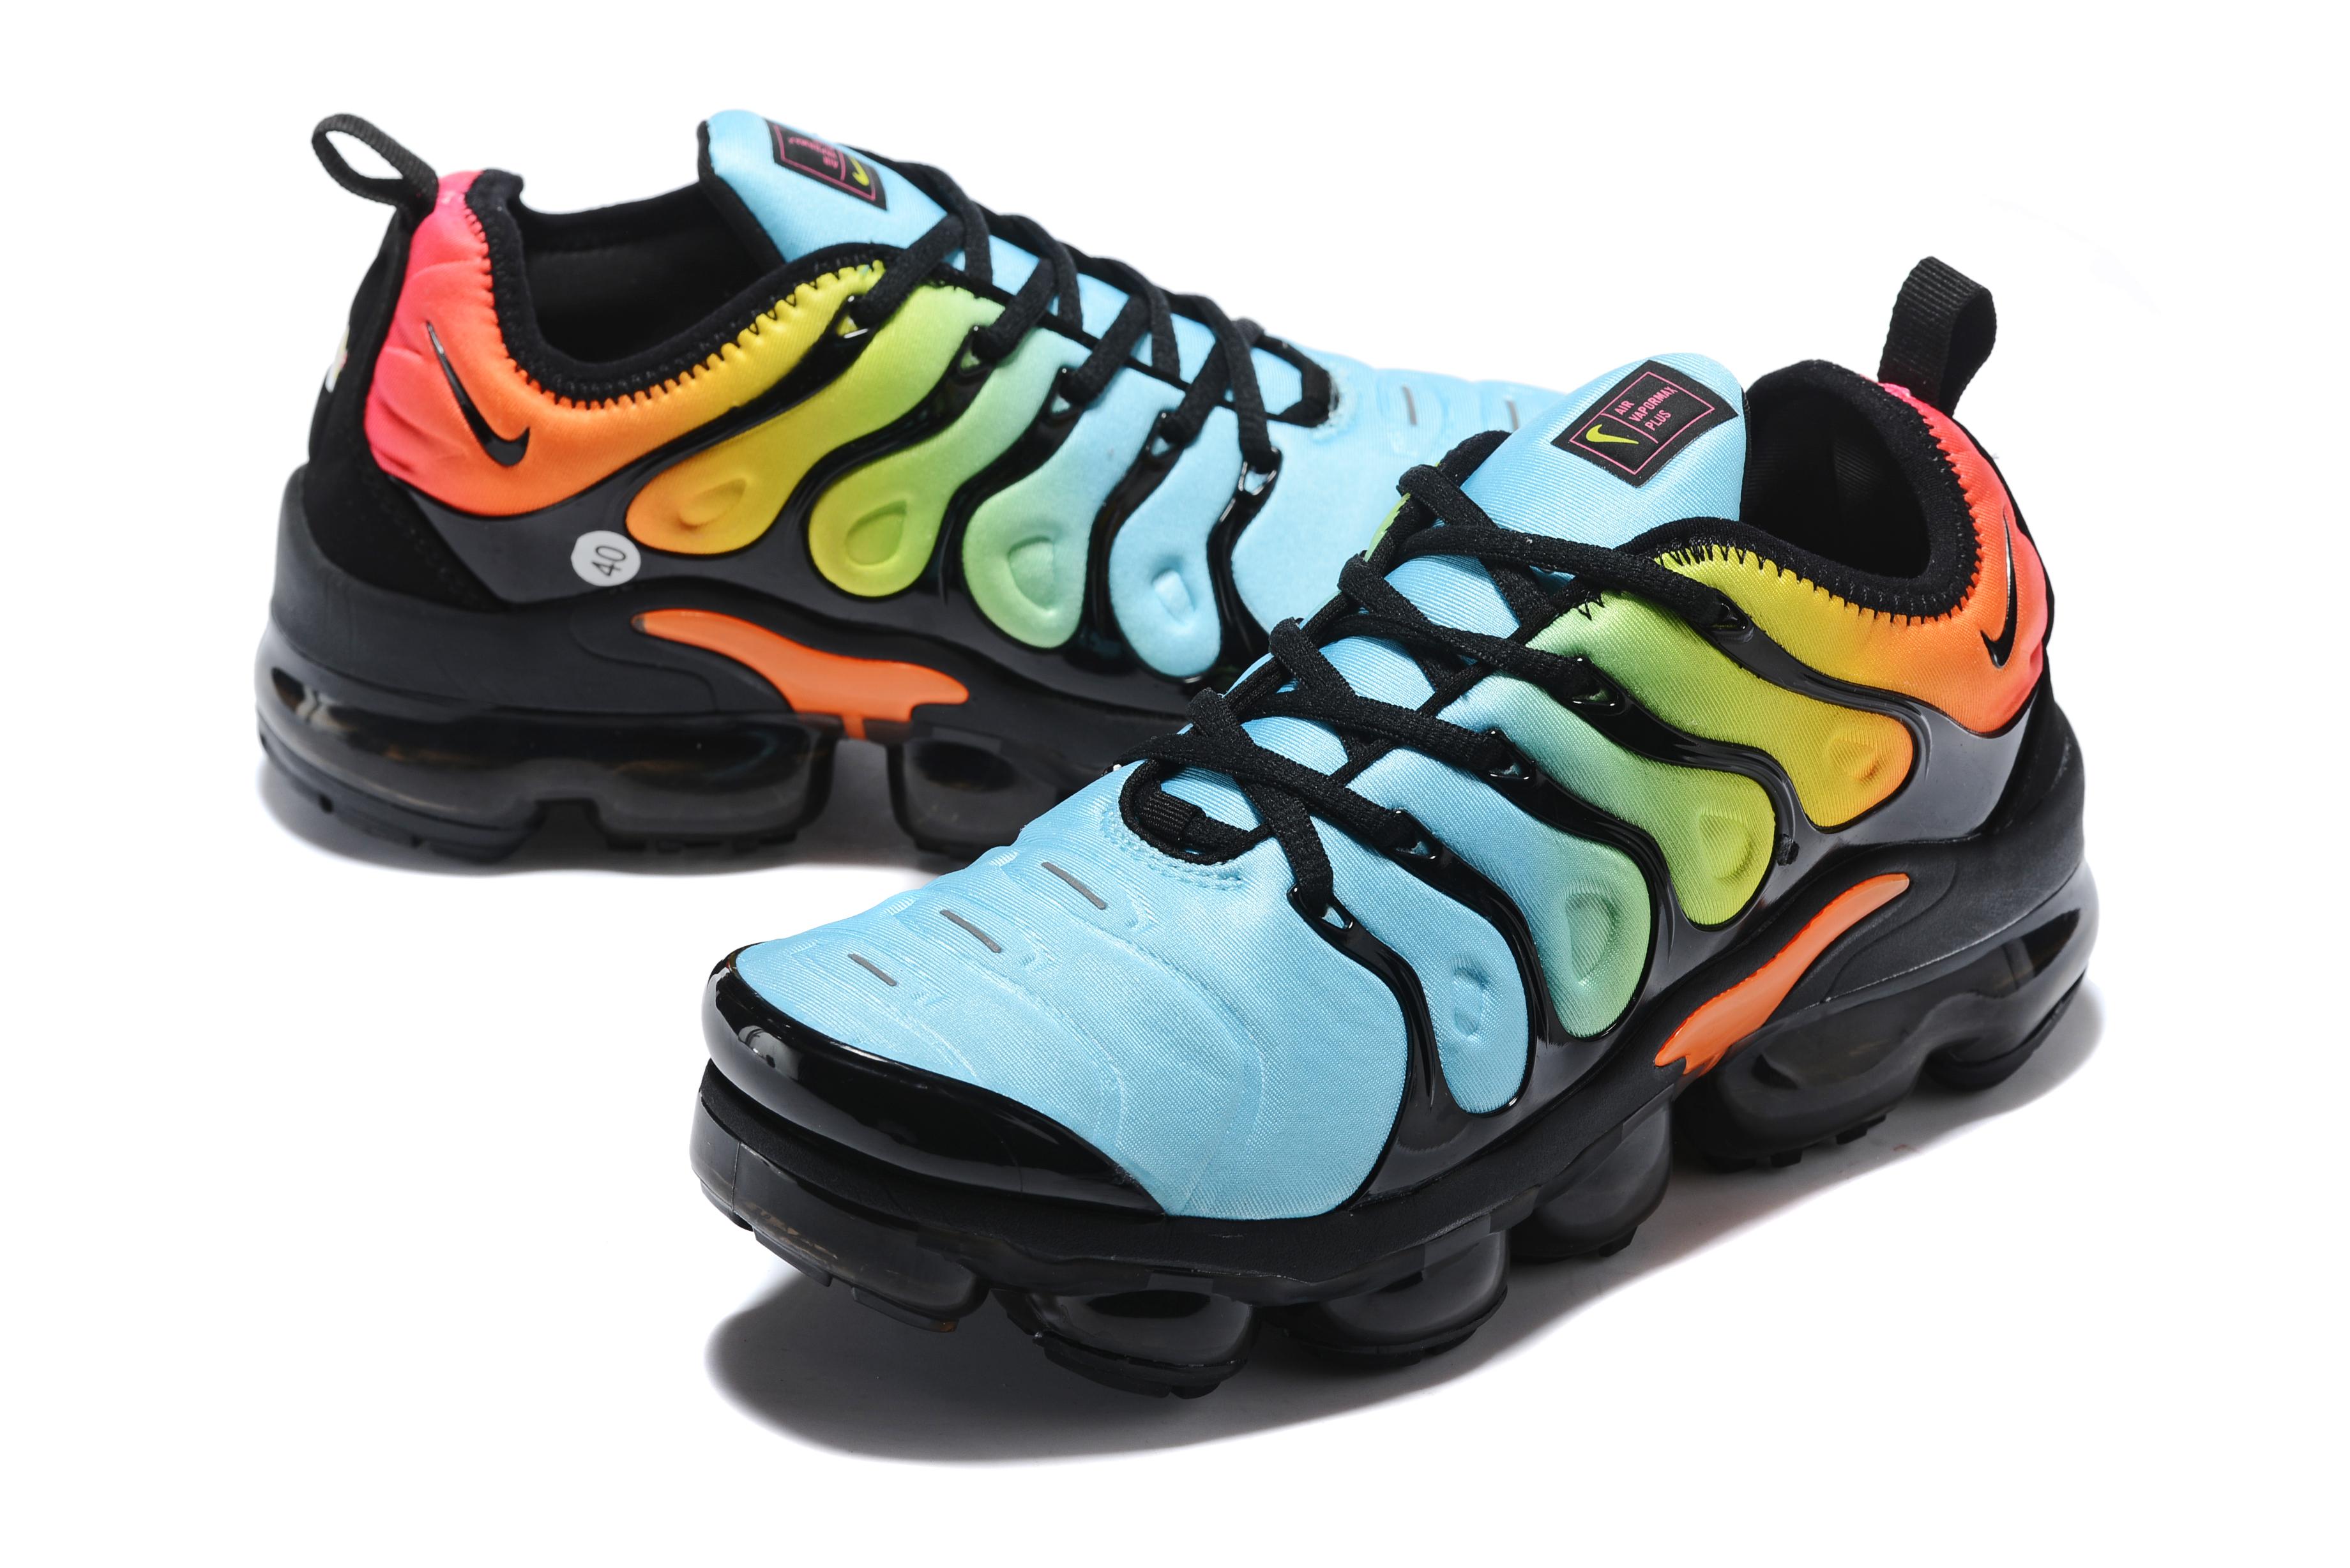 cheaper d18e4 df82d Nike Air Max TN Plus Jade Blue Orange Black Shoes For Women ...